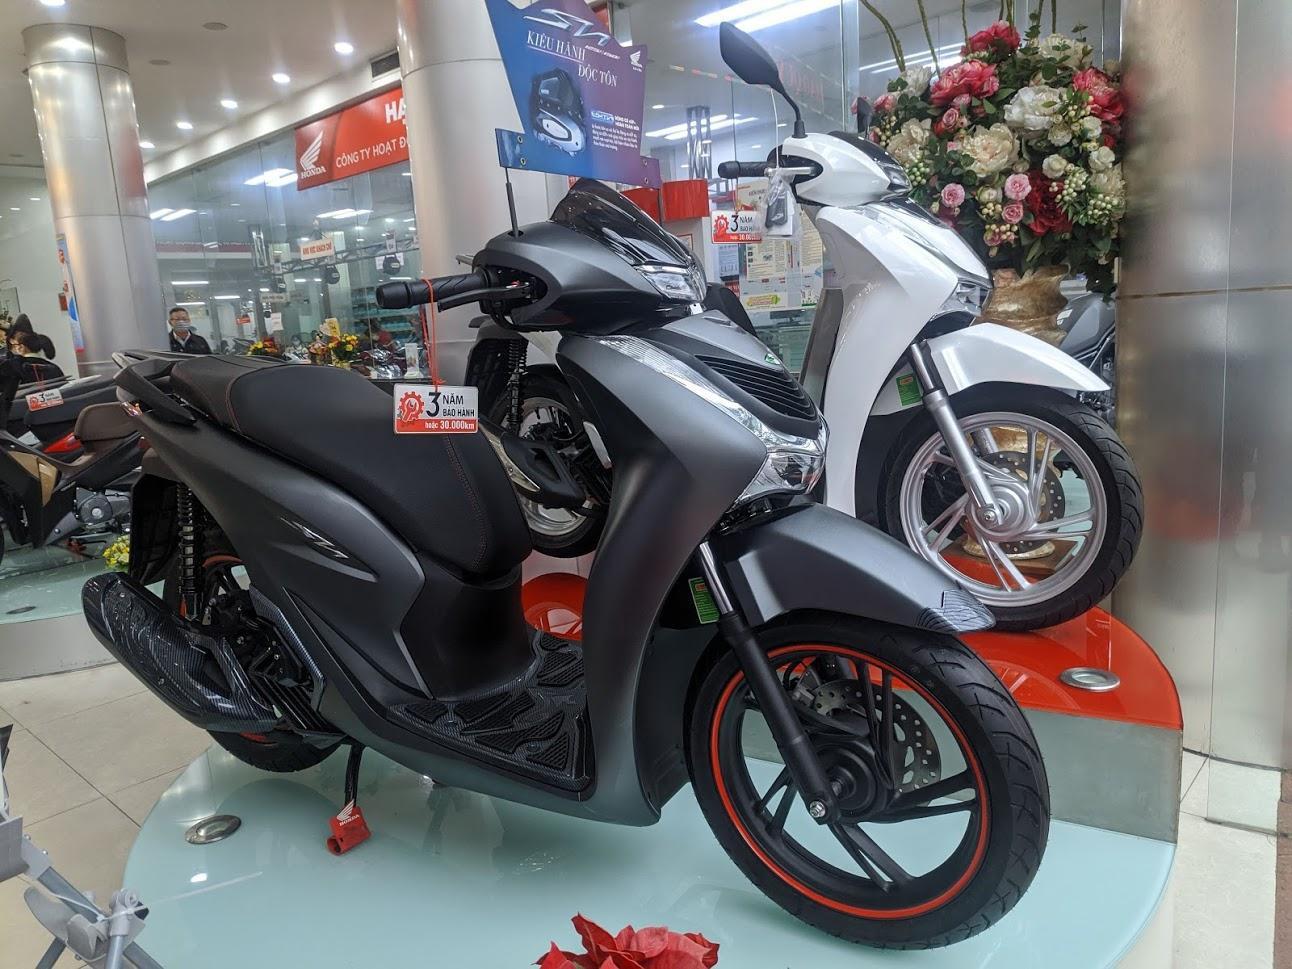 Thị trường xe máy tiếp tục lao dốc đầu năm 2021  - Ảnh 1.